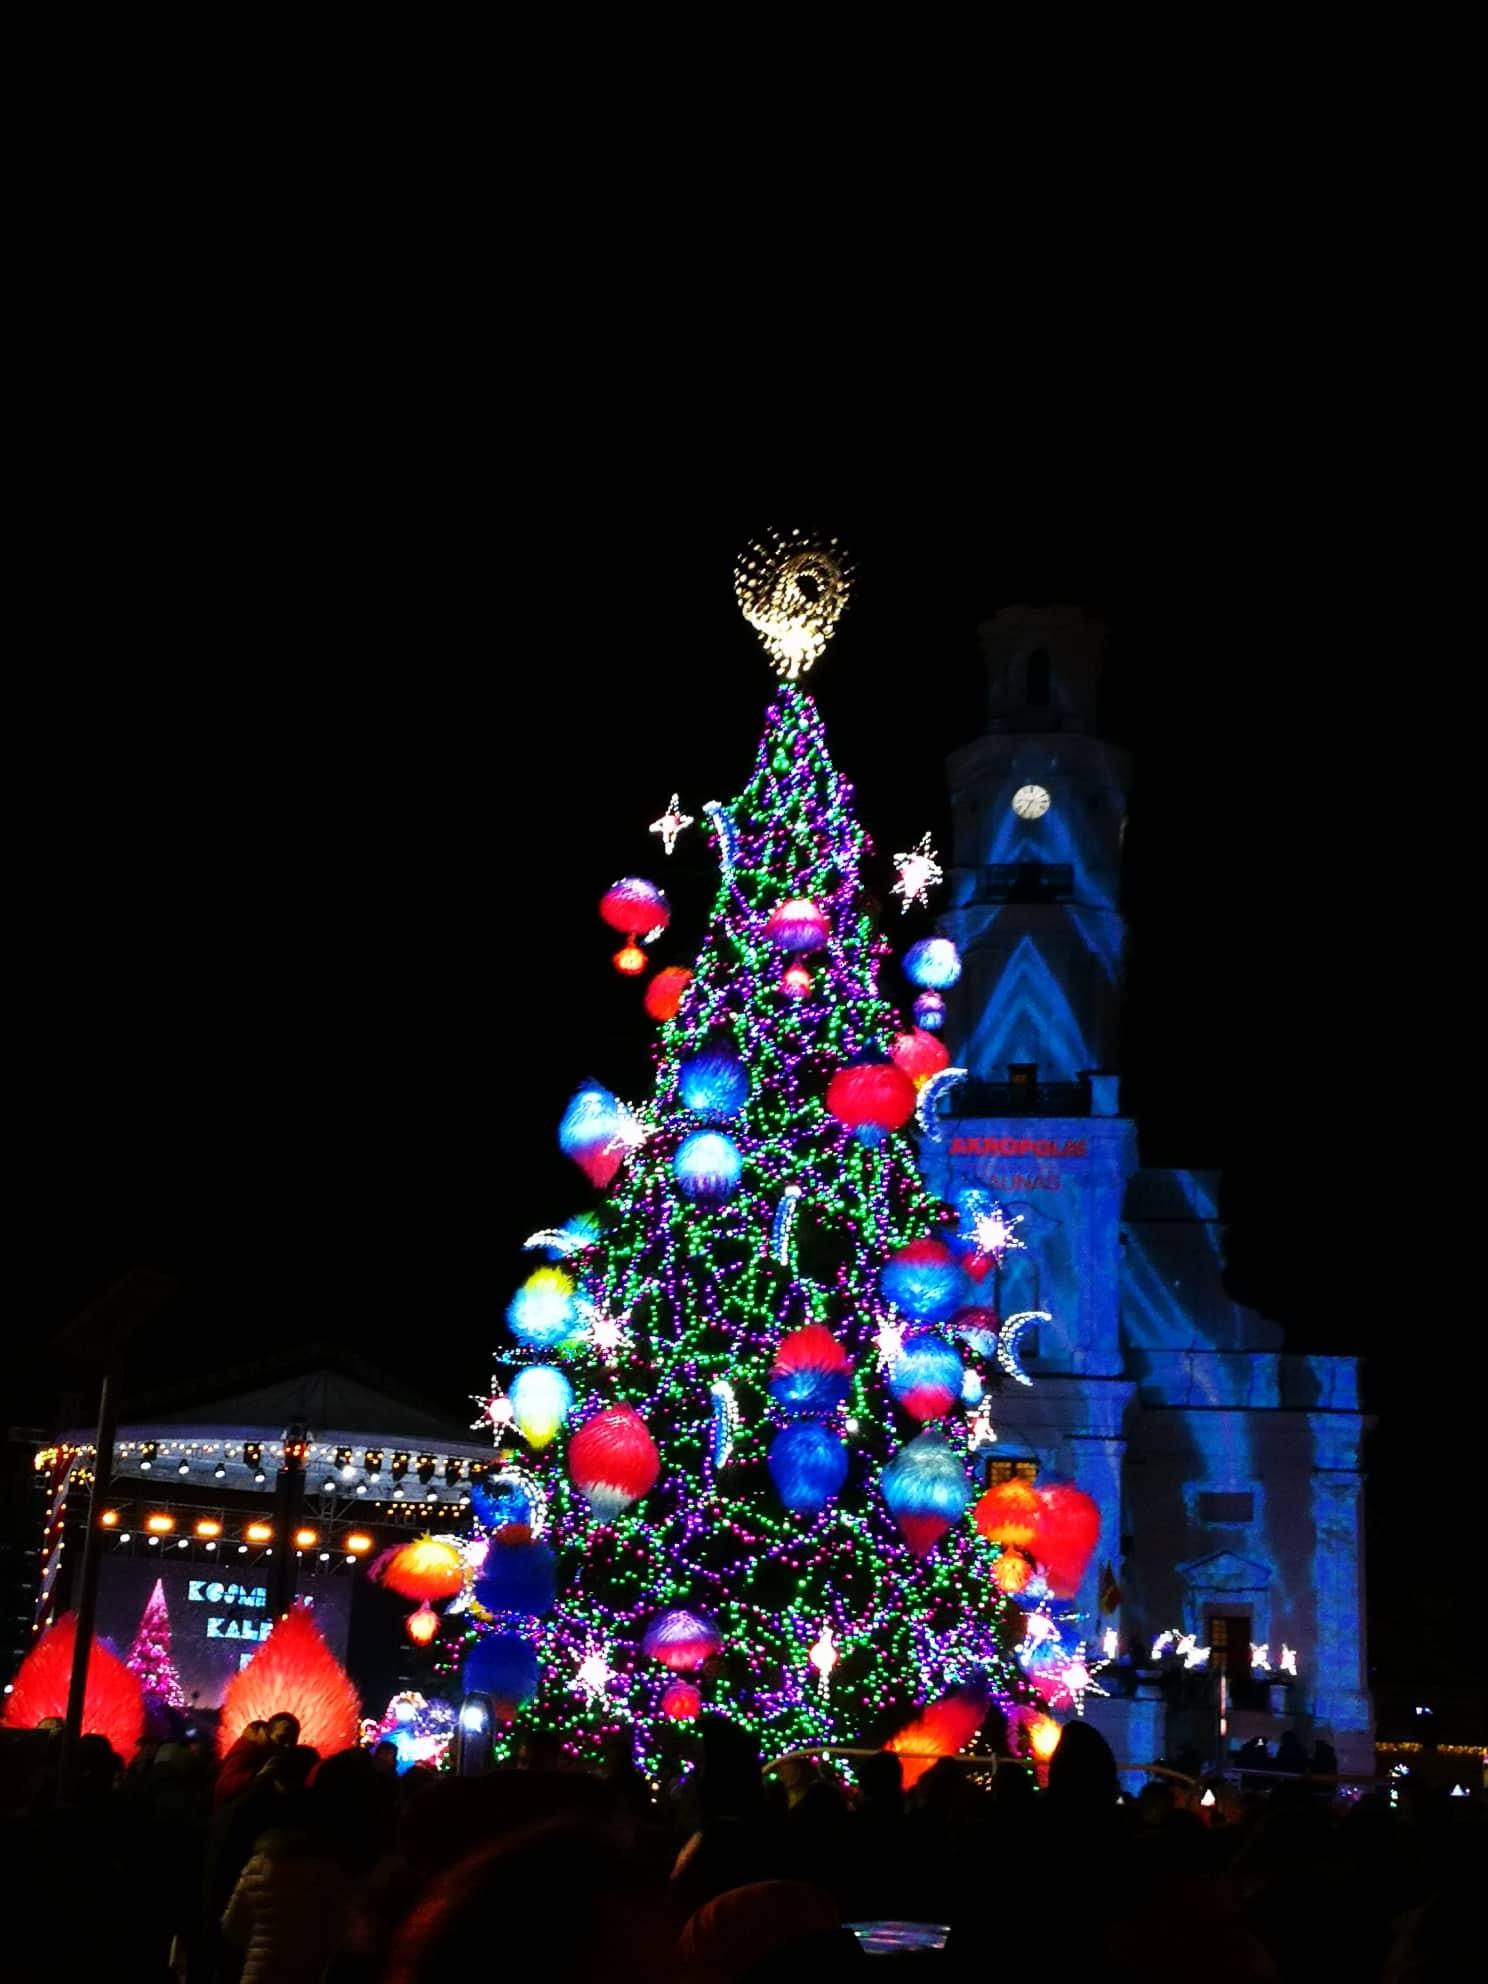 Kalėdų dvasia atkeliavo į Kauną: skambant garsiausių atlikėjų dainoms įžiebta miesto eglė